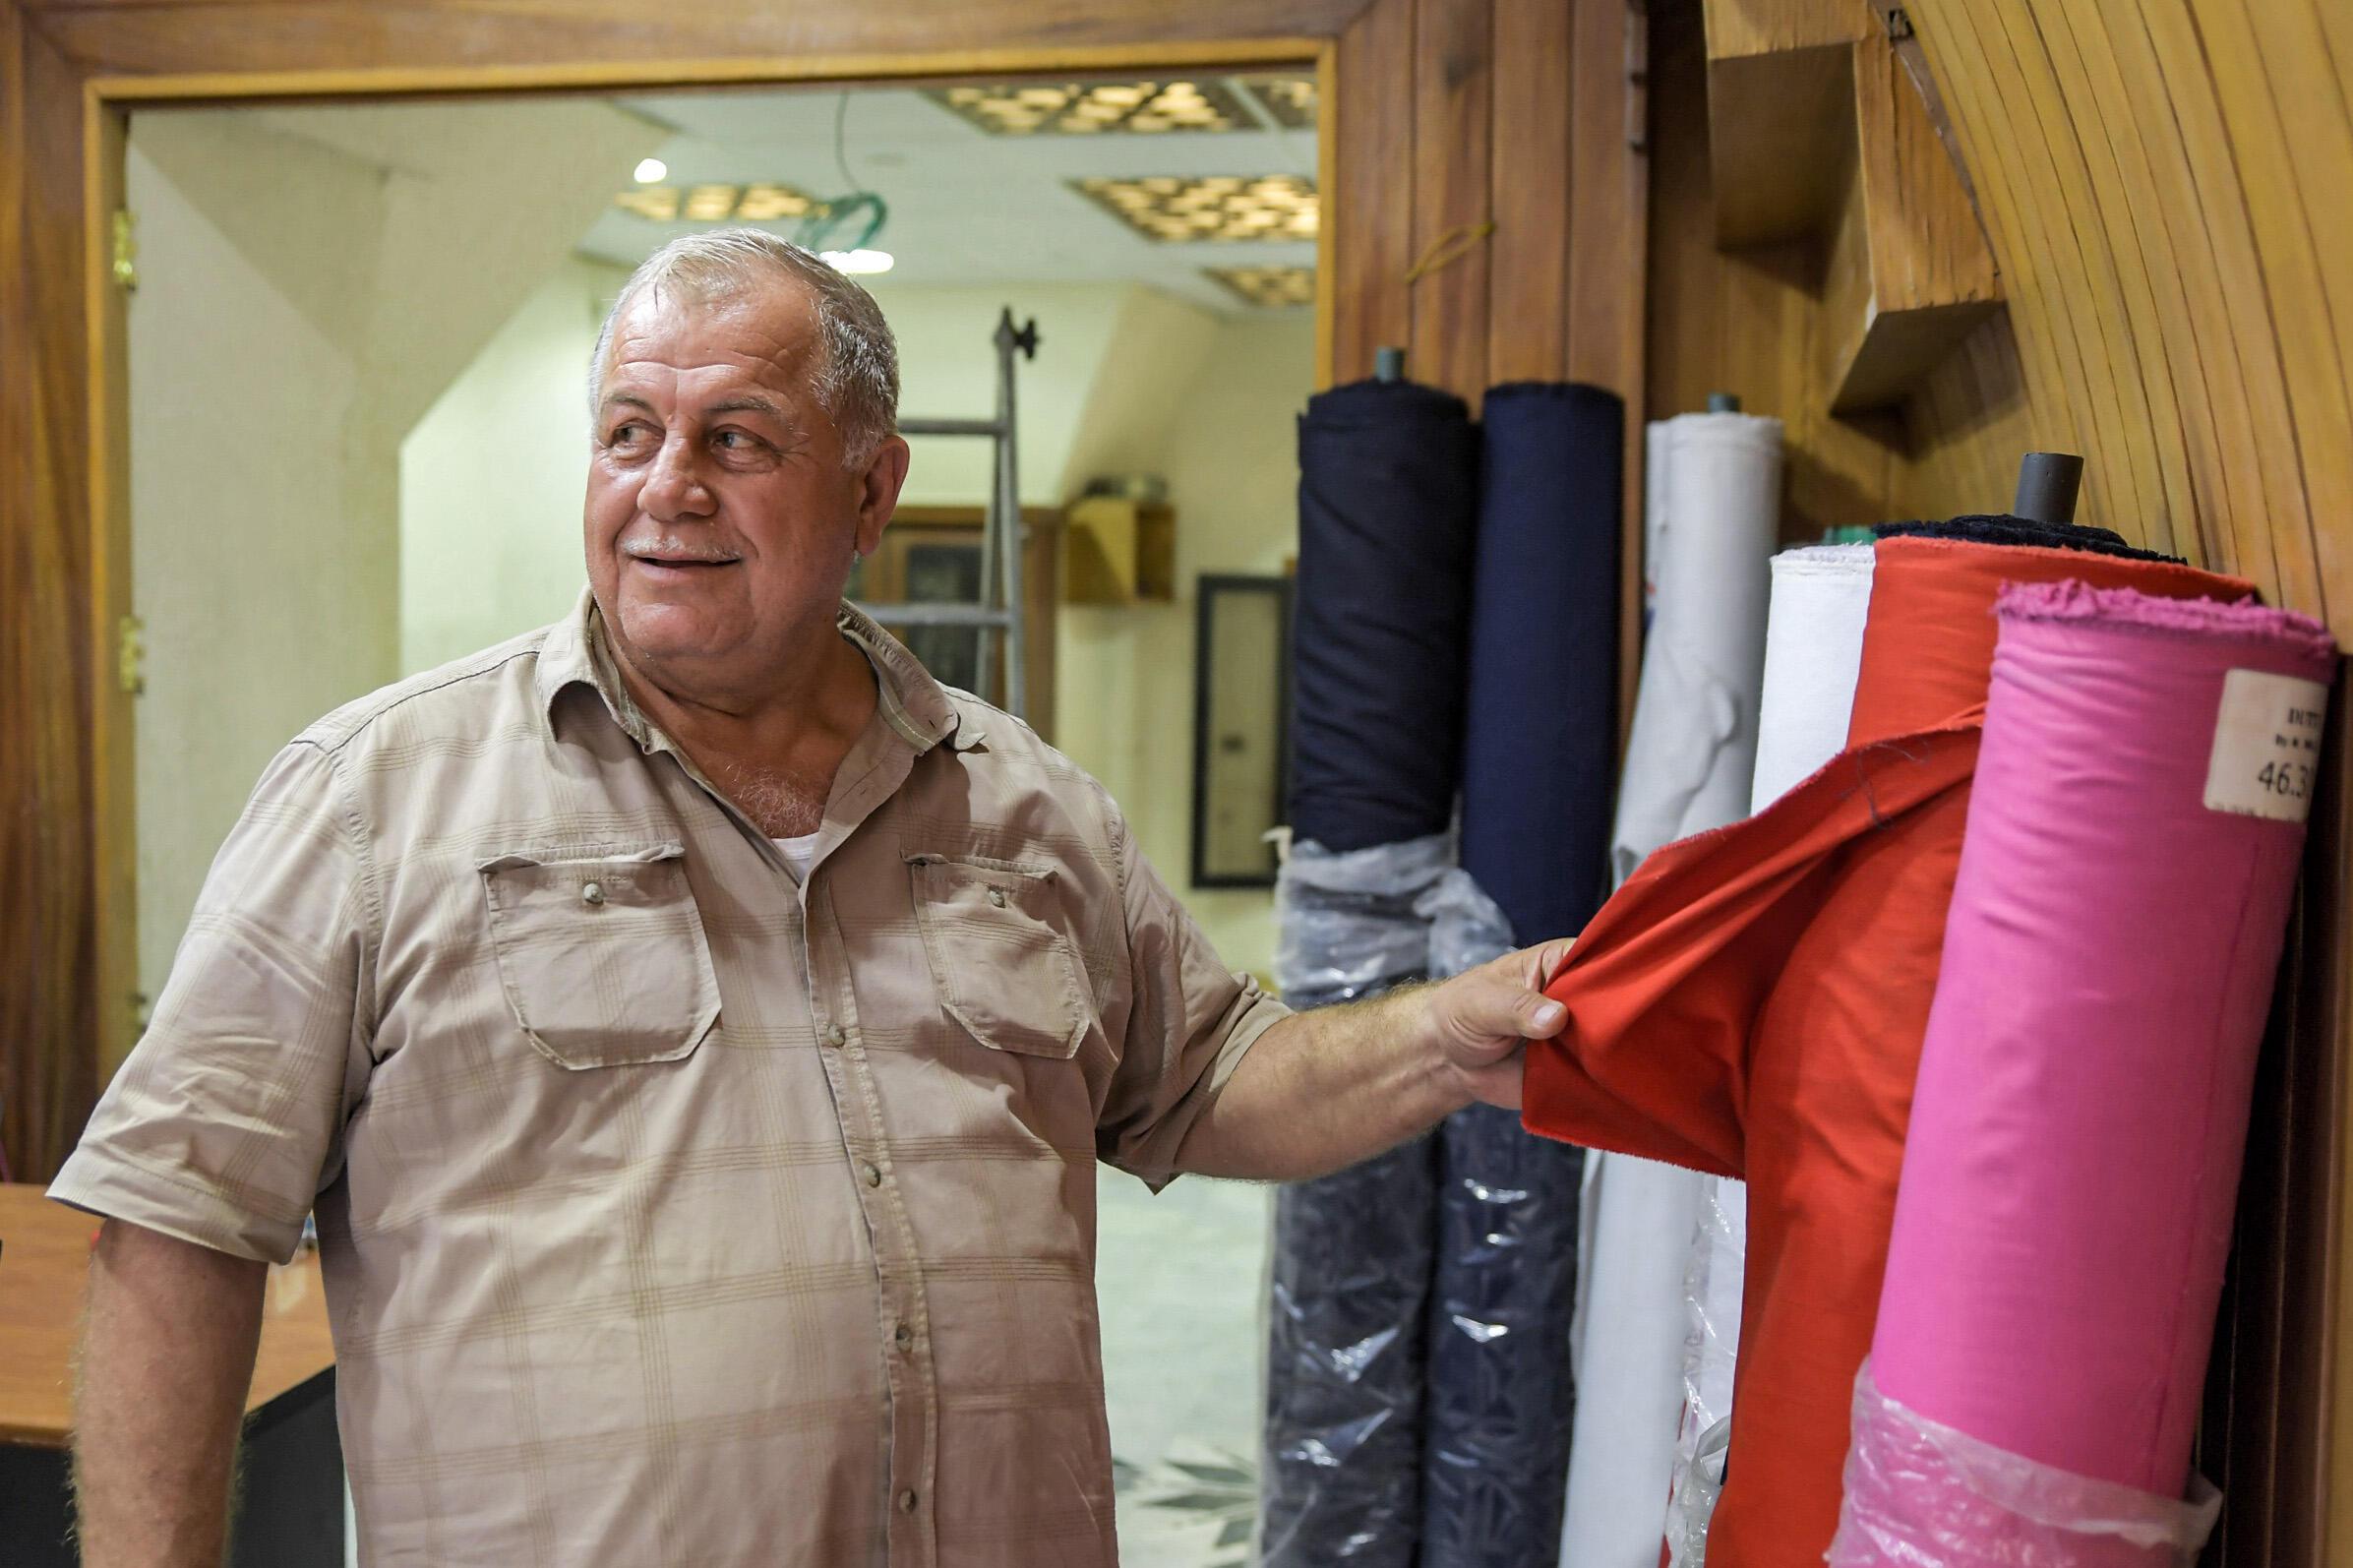 65 yaşındaki tekstil tüccarı Ahmed El-Damlakhi, pazardaki dükkânının içinde duruyor